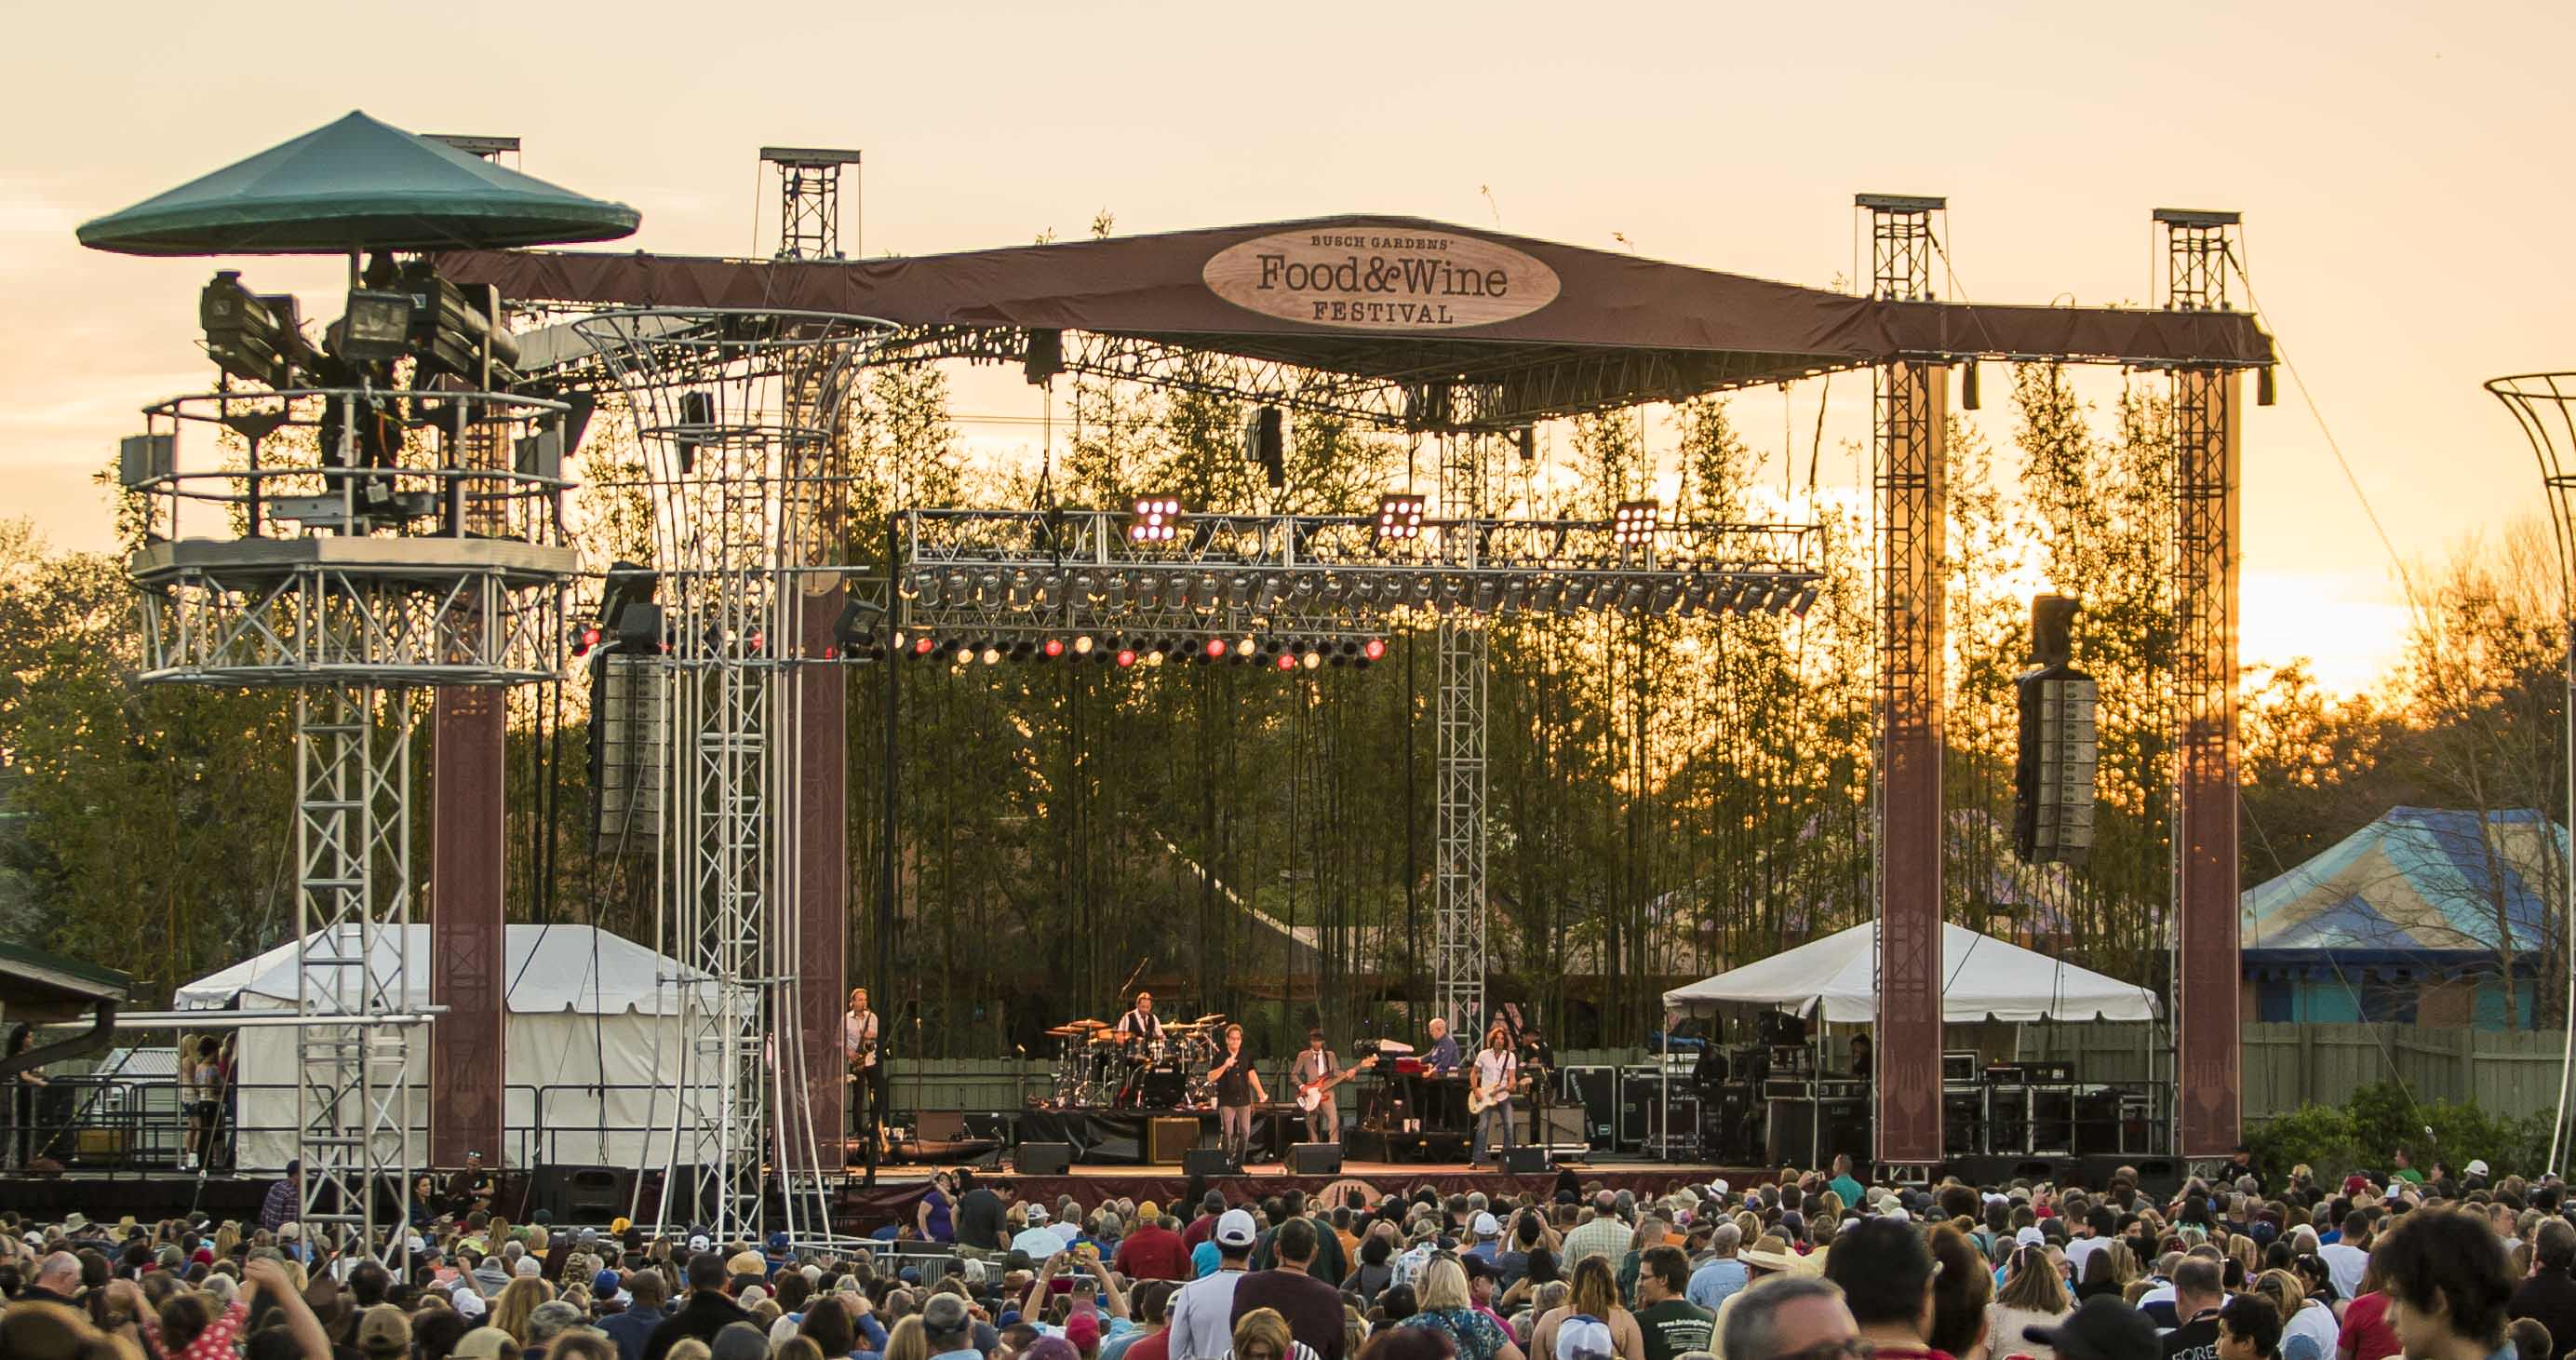 Busch Gardens Tampa Bay Food And Wine Festival Concert 2 Dicas Da Disney E Parques Em Orlando